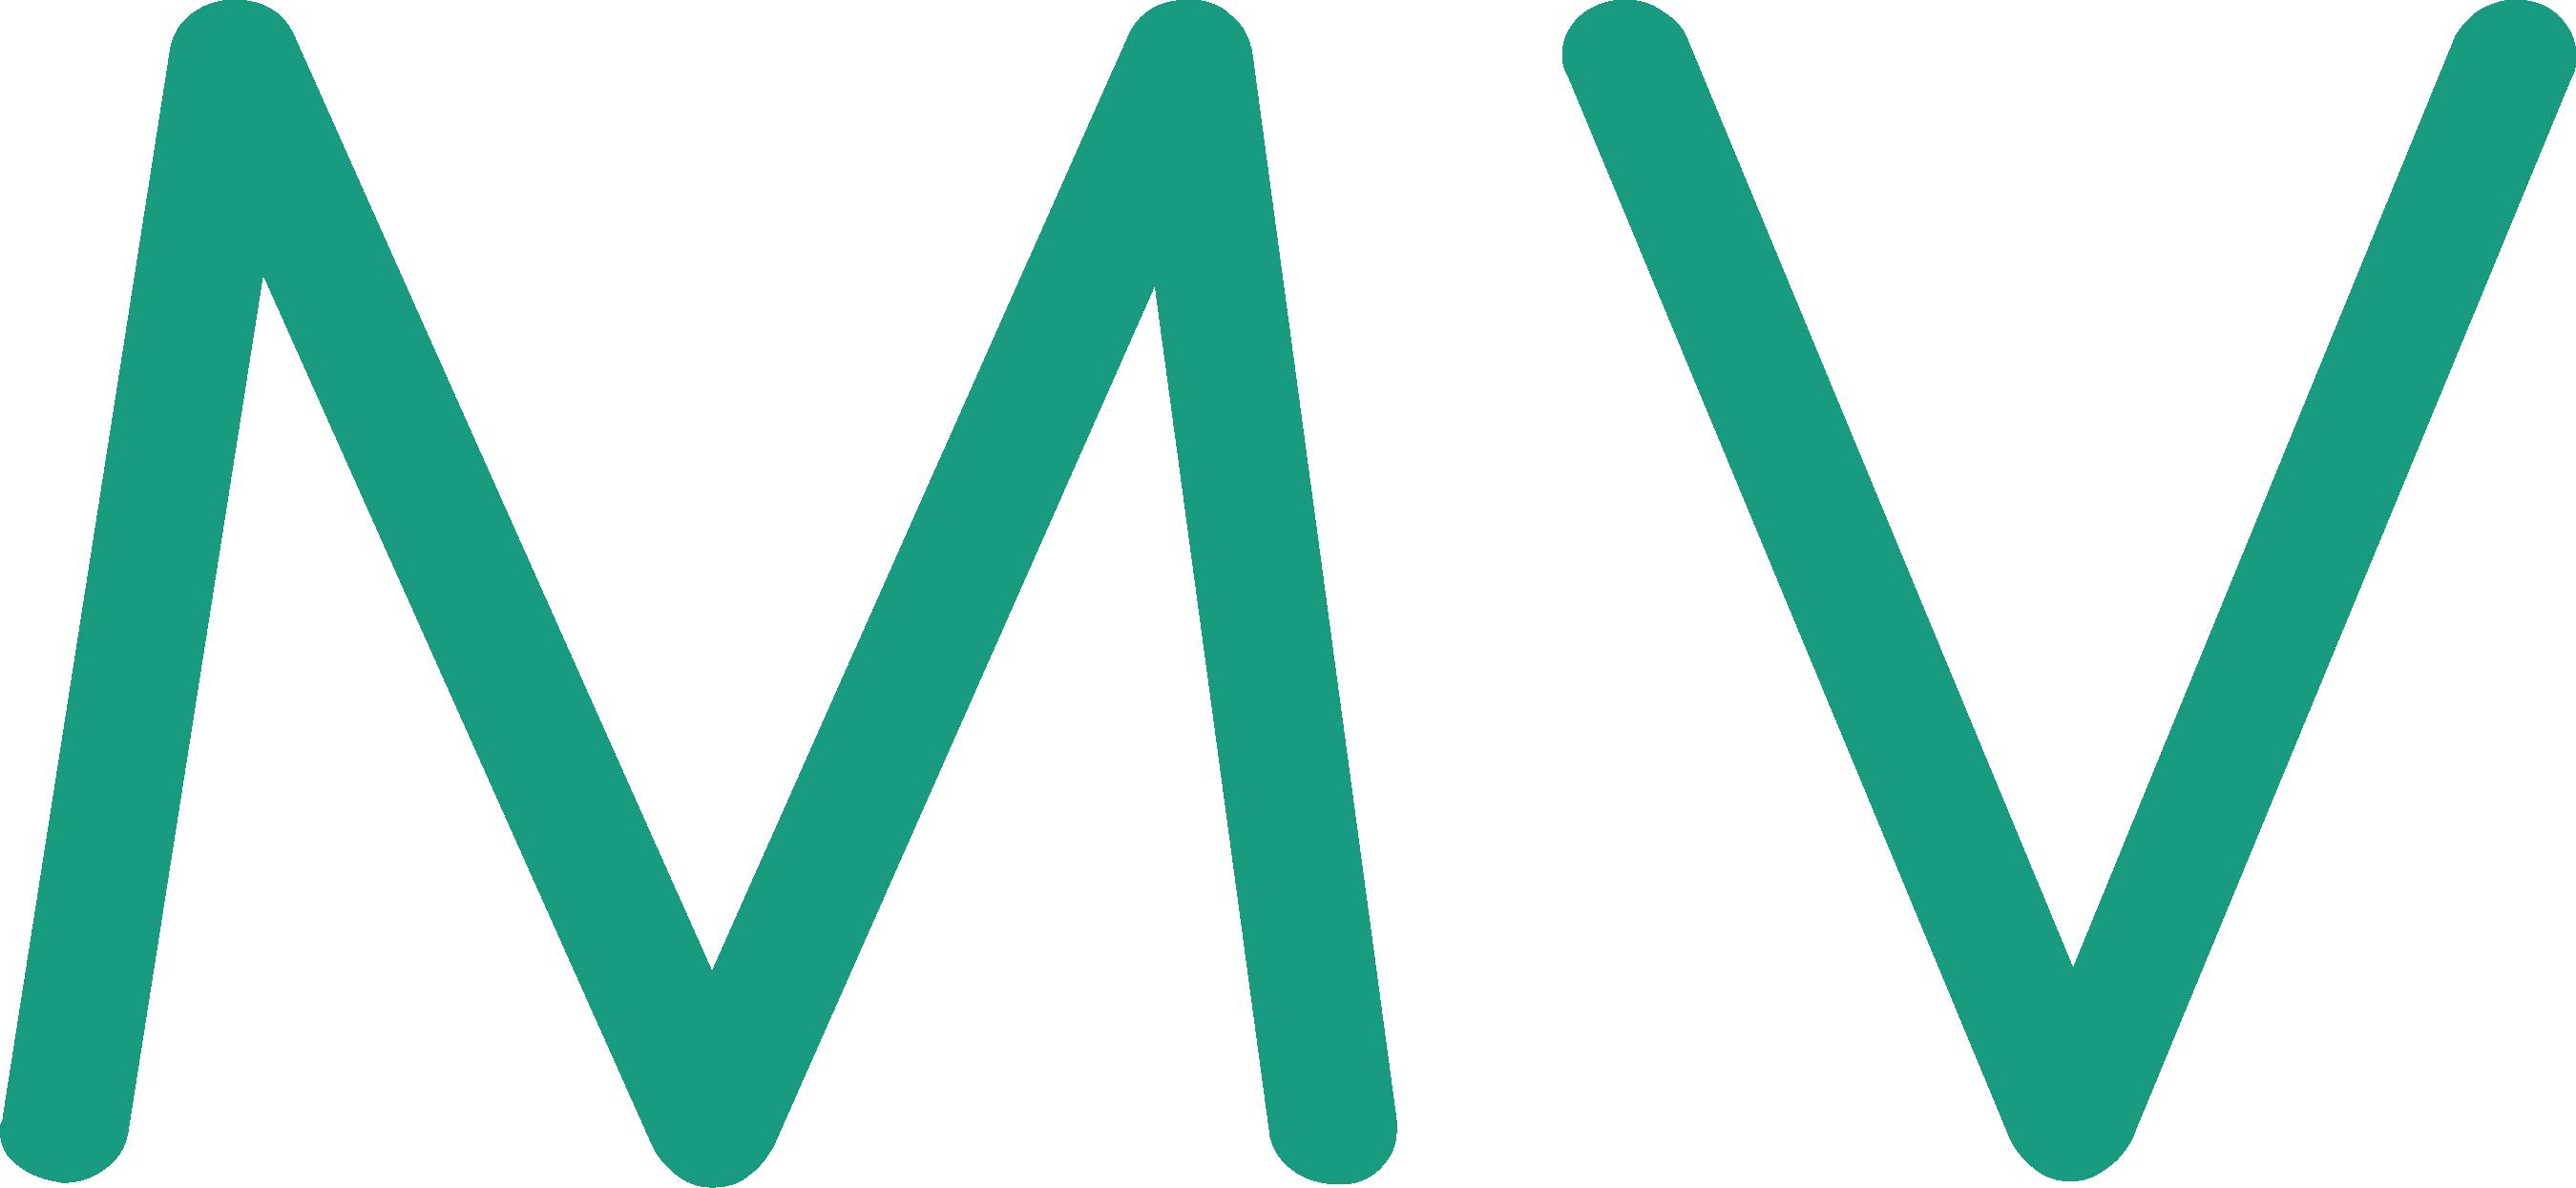 MvCamping - Laboratorio artigianale